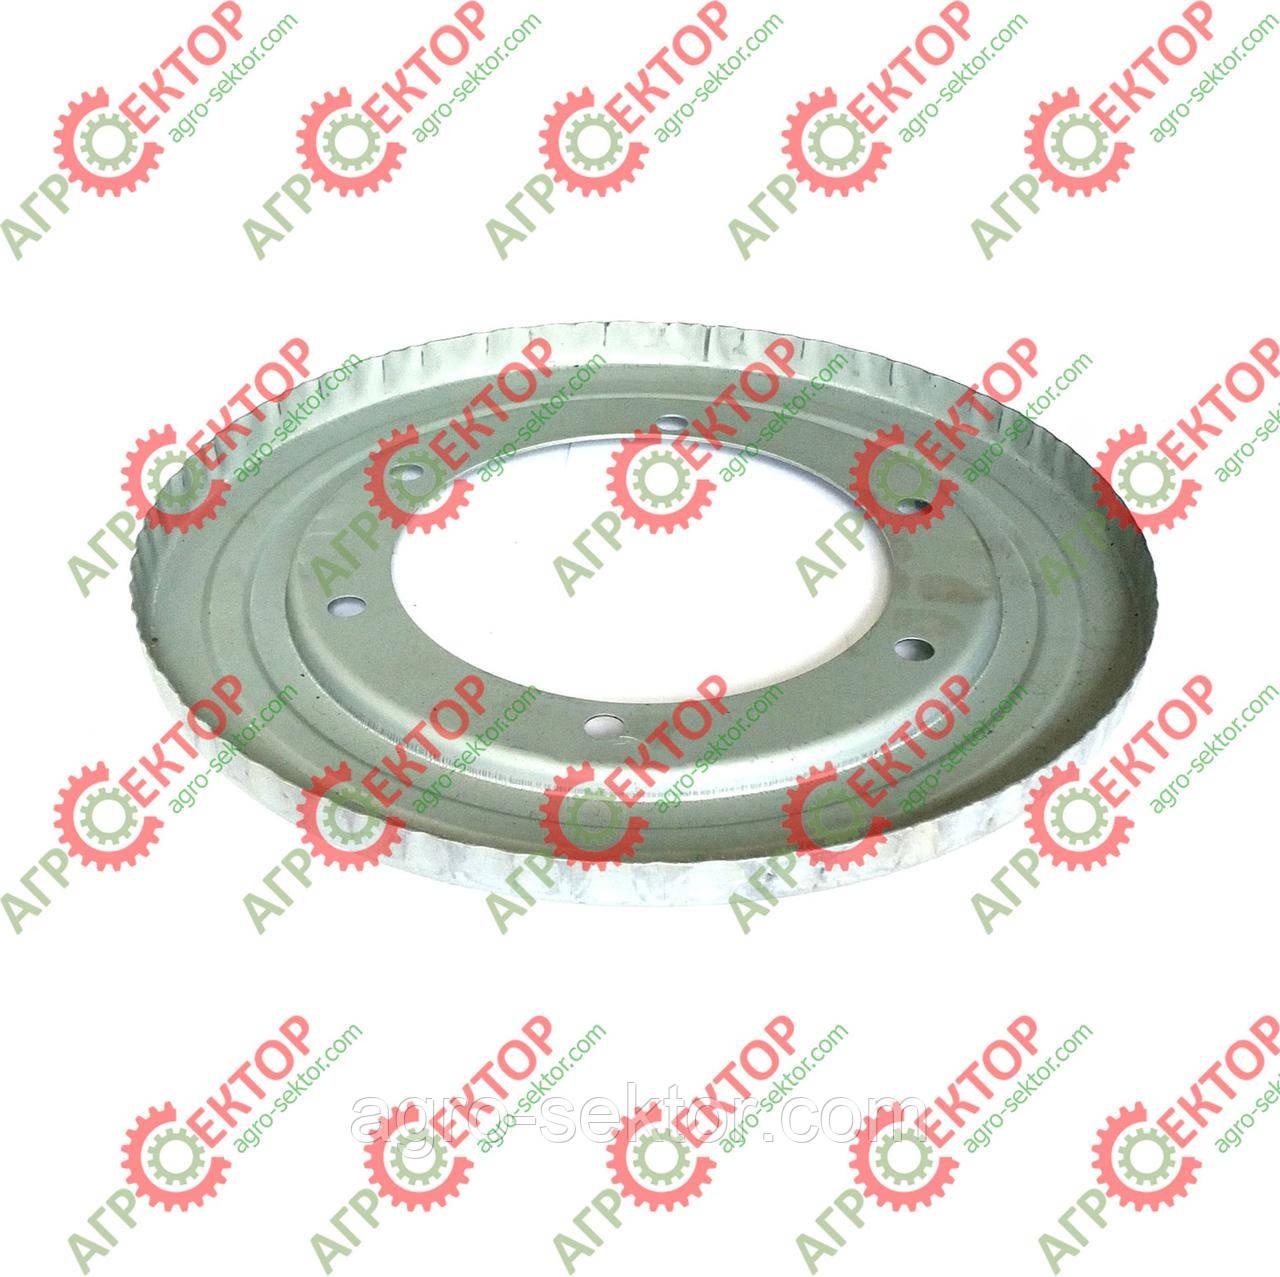 Кожух захисний циліндру ротора роторної косарки Wirax Z-069, Z-169 5036010360